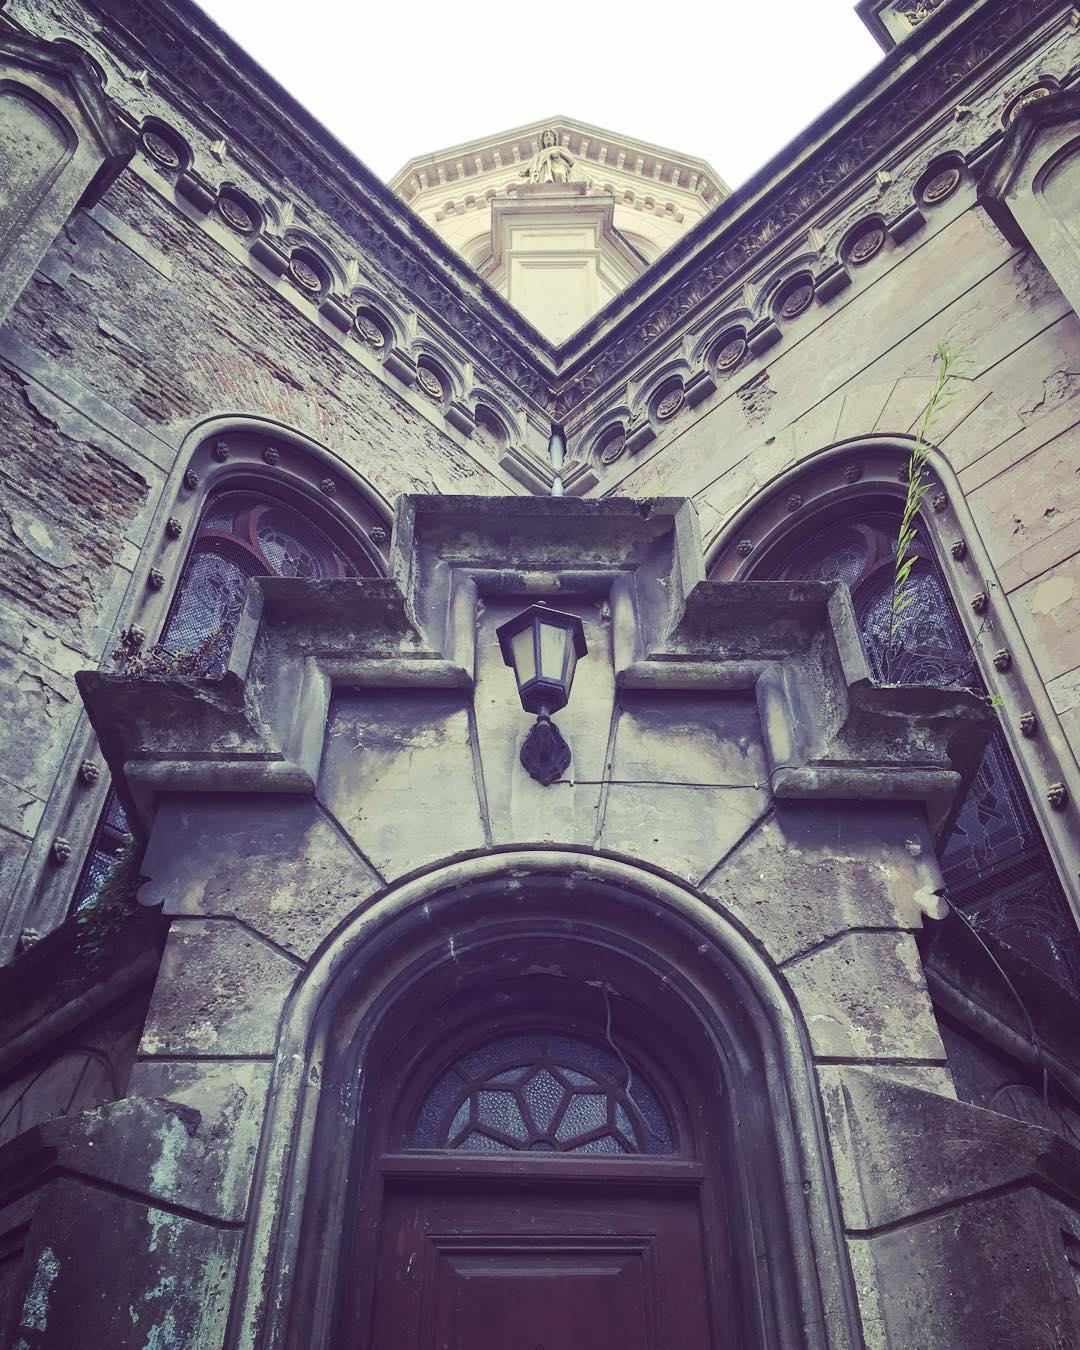 Hermosa Y simétrica escalera! #trippingmood #buenosaires #barracas